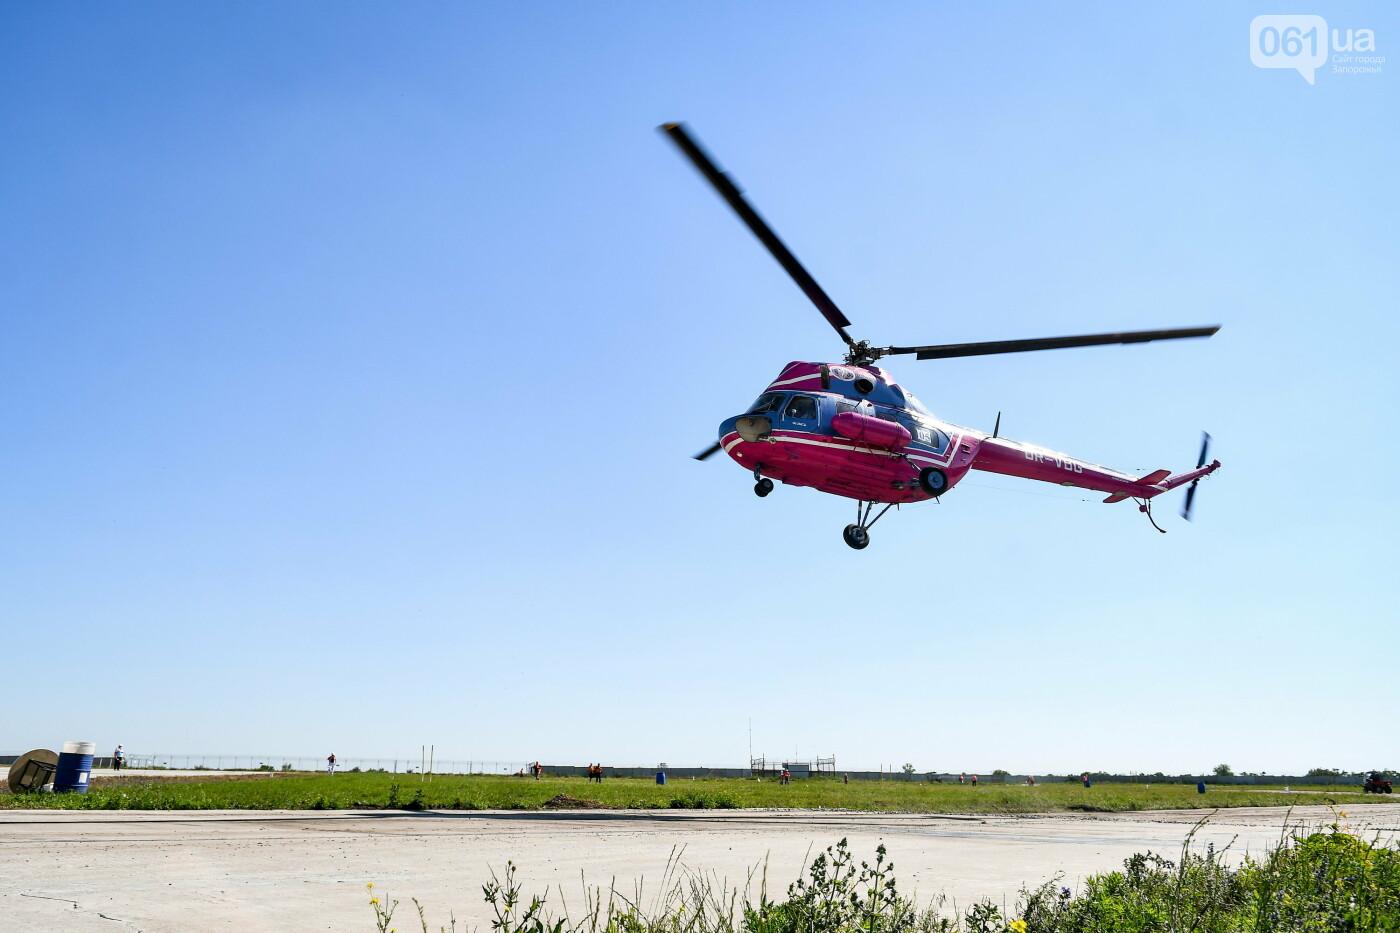 В Запорожье проходят соревнования по вертолетному спорту, - ФОТОРЕПОРТАЖ, фото-18